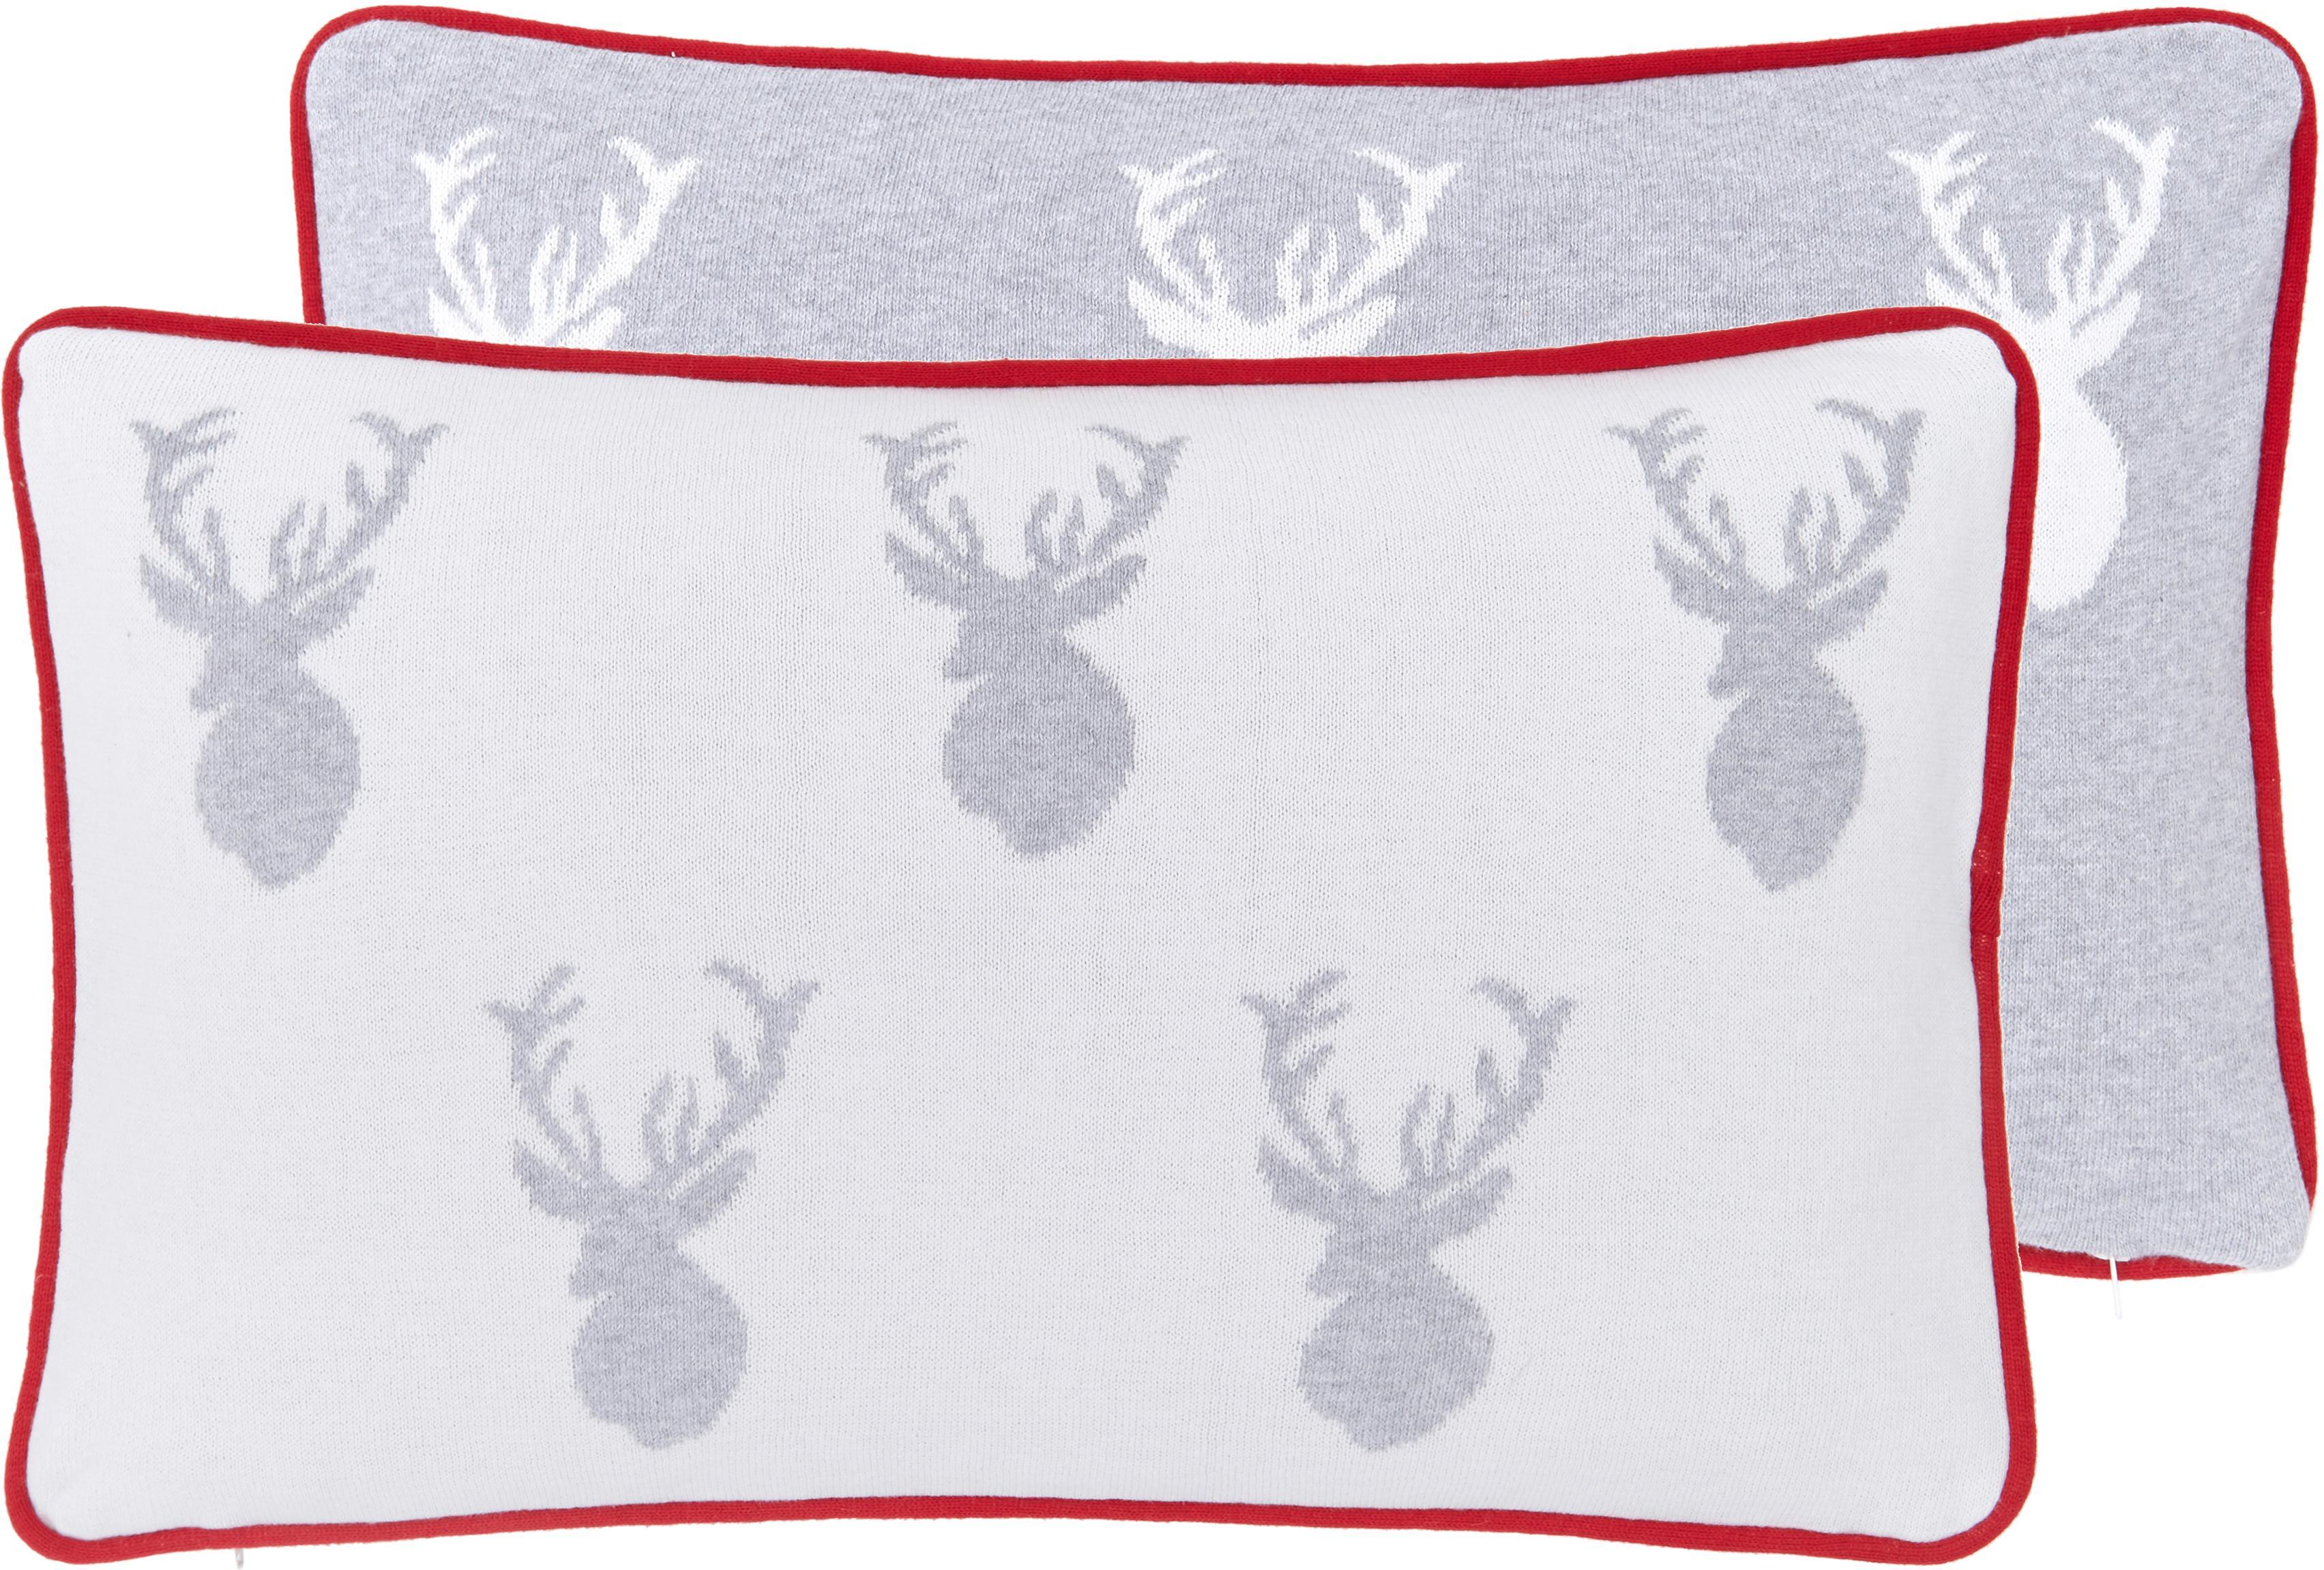 Federa reversibile fatta a maglia fine Foresta, 100% cotone, Bianco crema, grigio chiaro Bordino: rosso, Larg. 30 x Lung. 50 cm